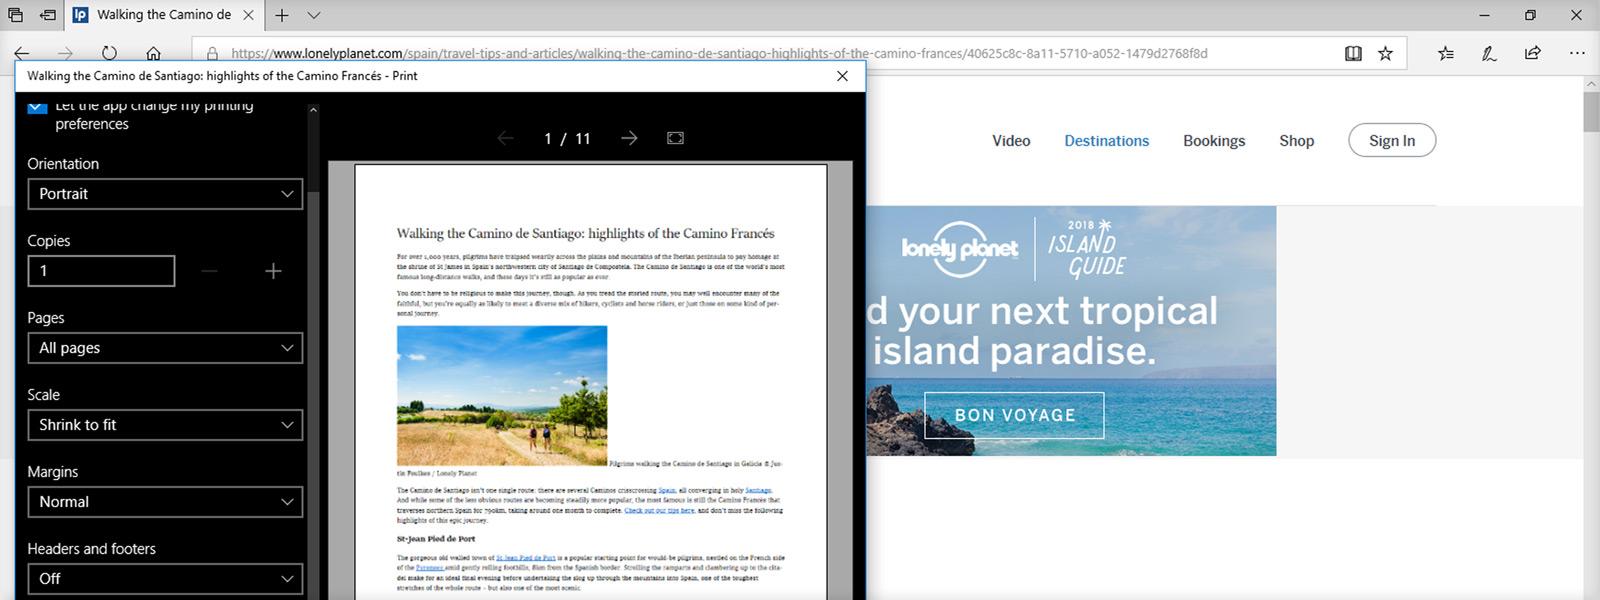 Imagem do ecrã de uma pré-visualização no Edge que não inclui a publicidade existente numa página Web